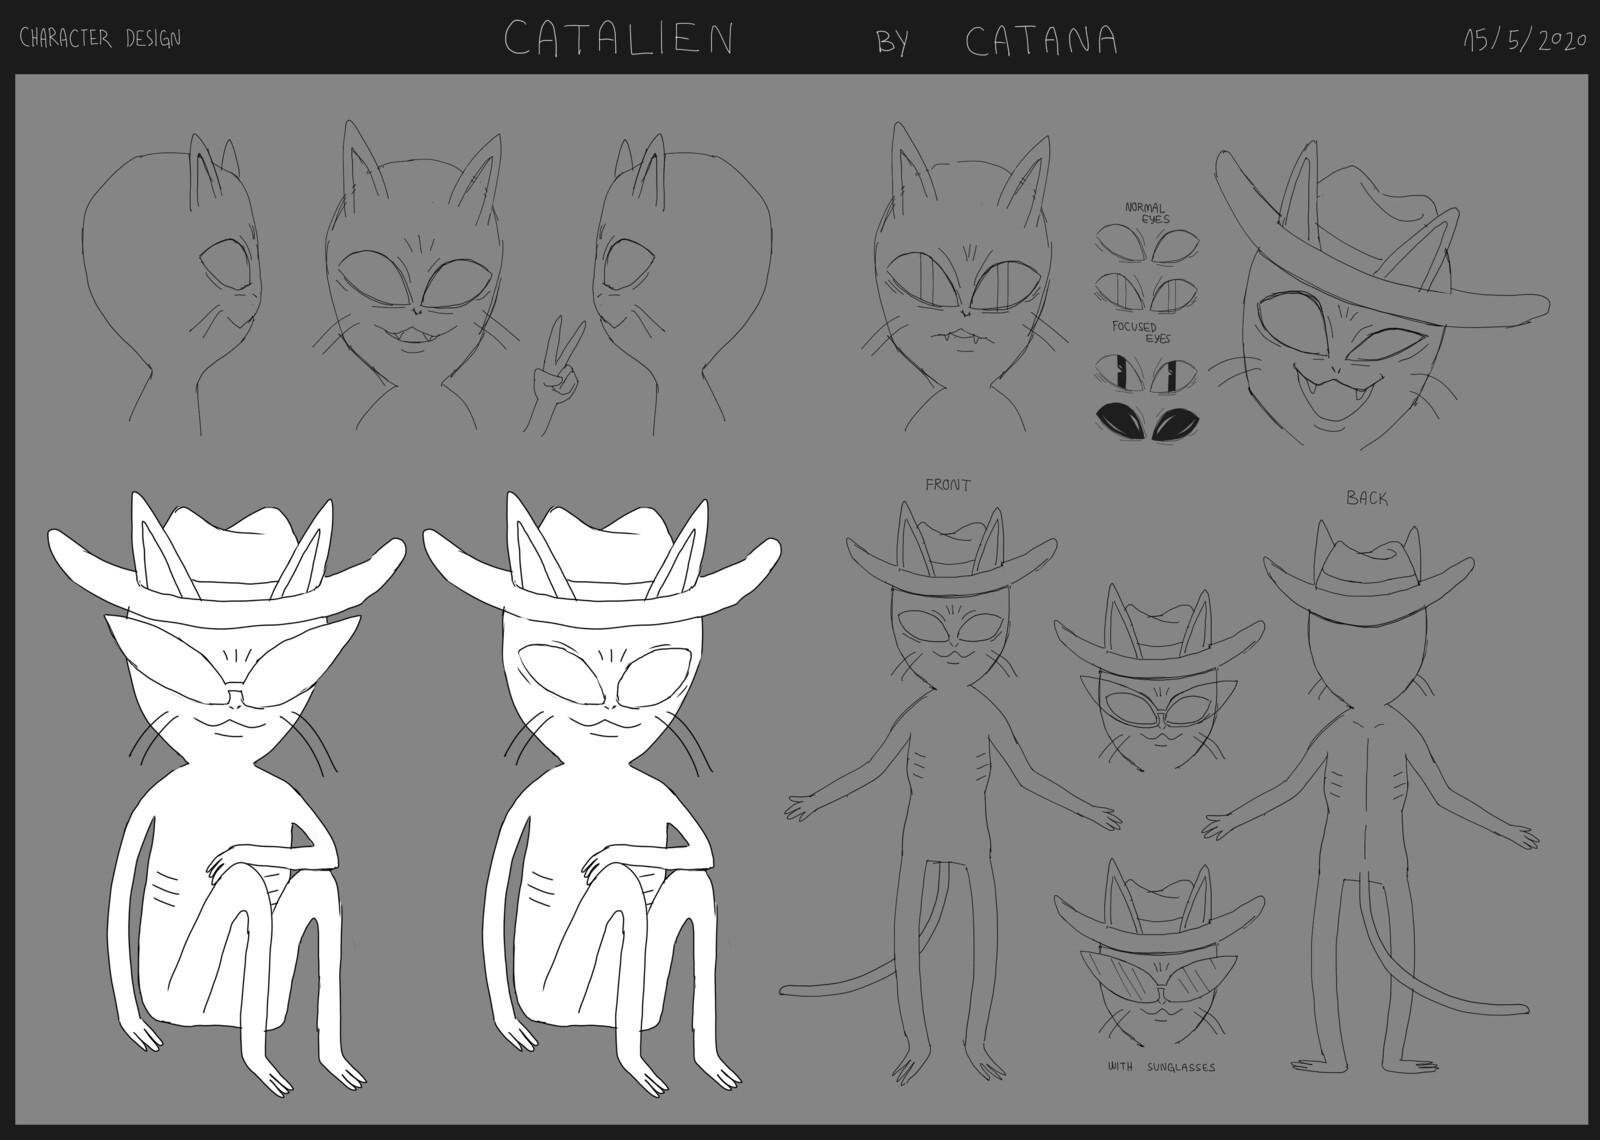 Catalien Character Design